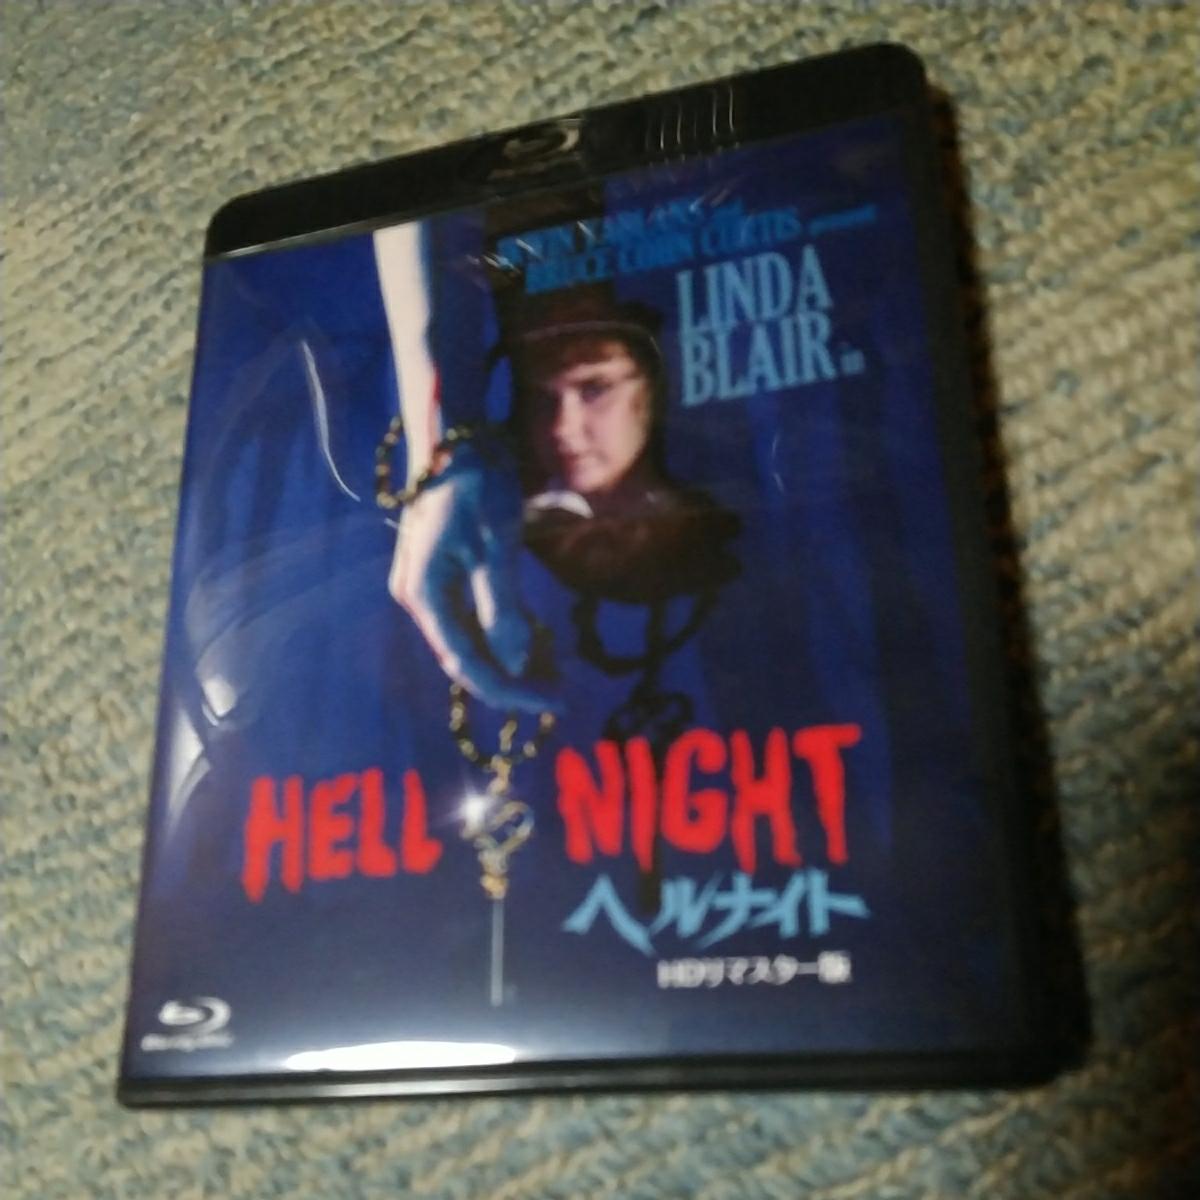 ヘルナイト HDリマスター版 Blu-ray  日本語吹替修論  リンダブレア